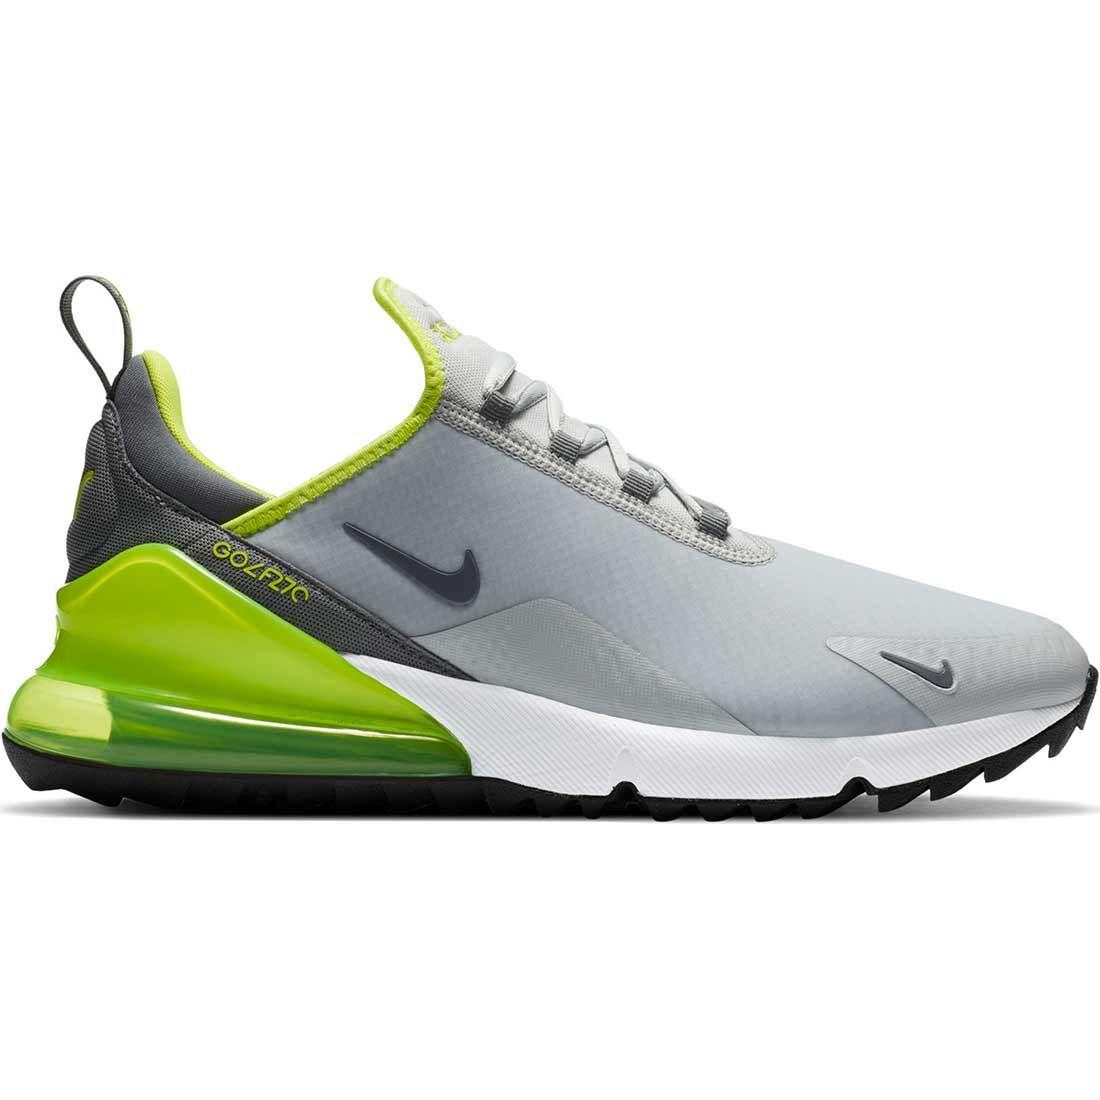 Buy Nike Air Max 270 G Golf Shoes Grey Fog/Smoke Grey | Golf ...